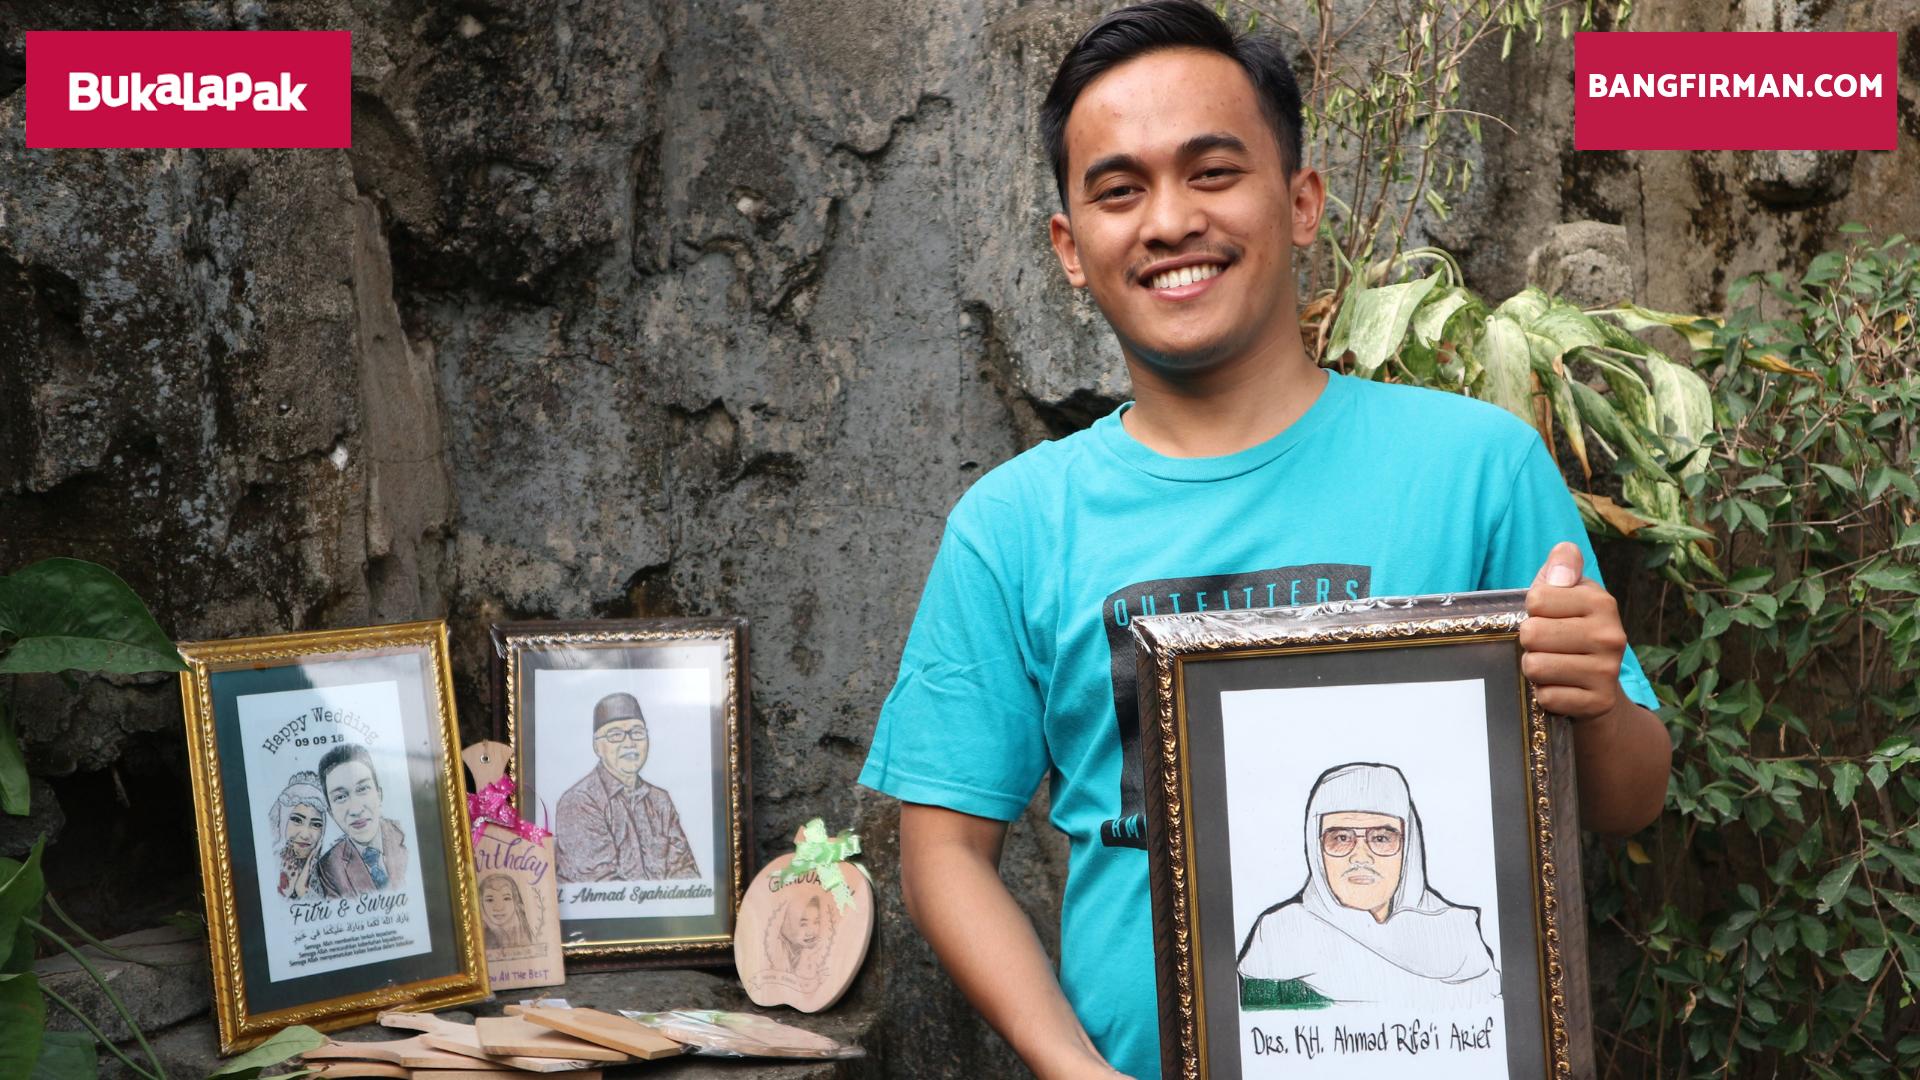 Cerita Sahabat BukaInspirasi Usaha Bersama Bukalapak Lewat